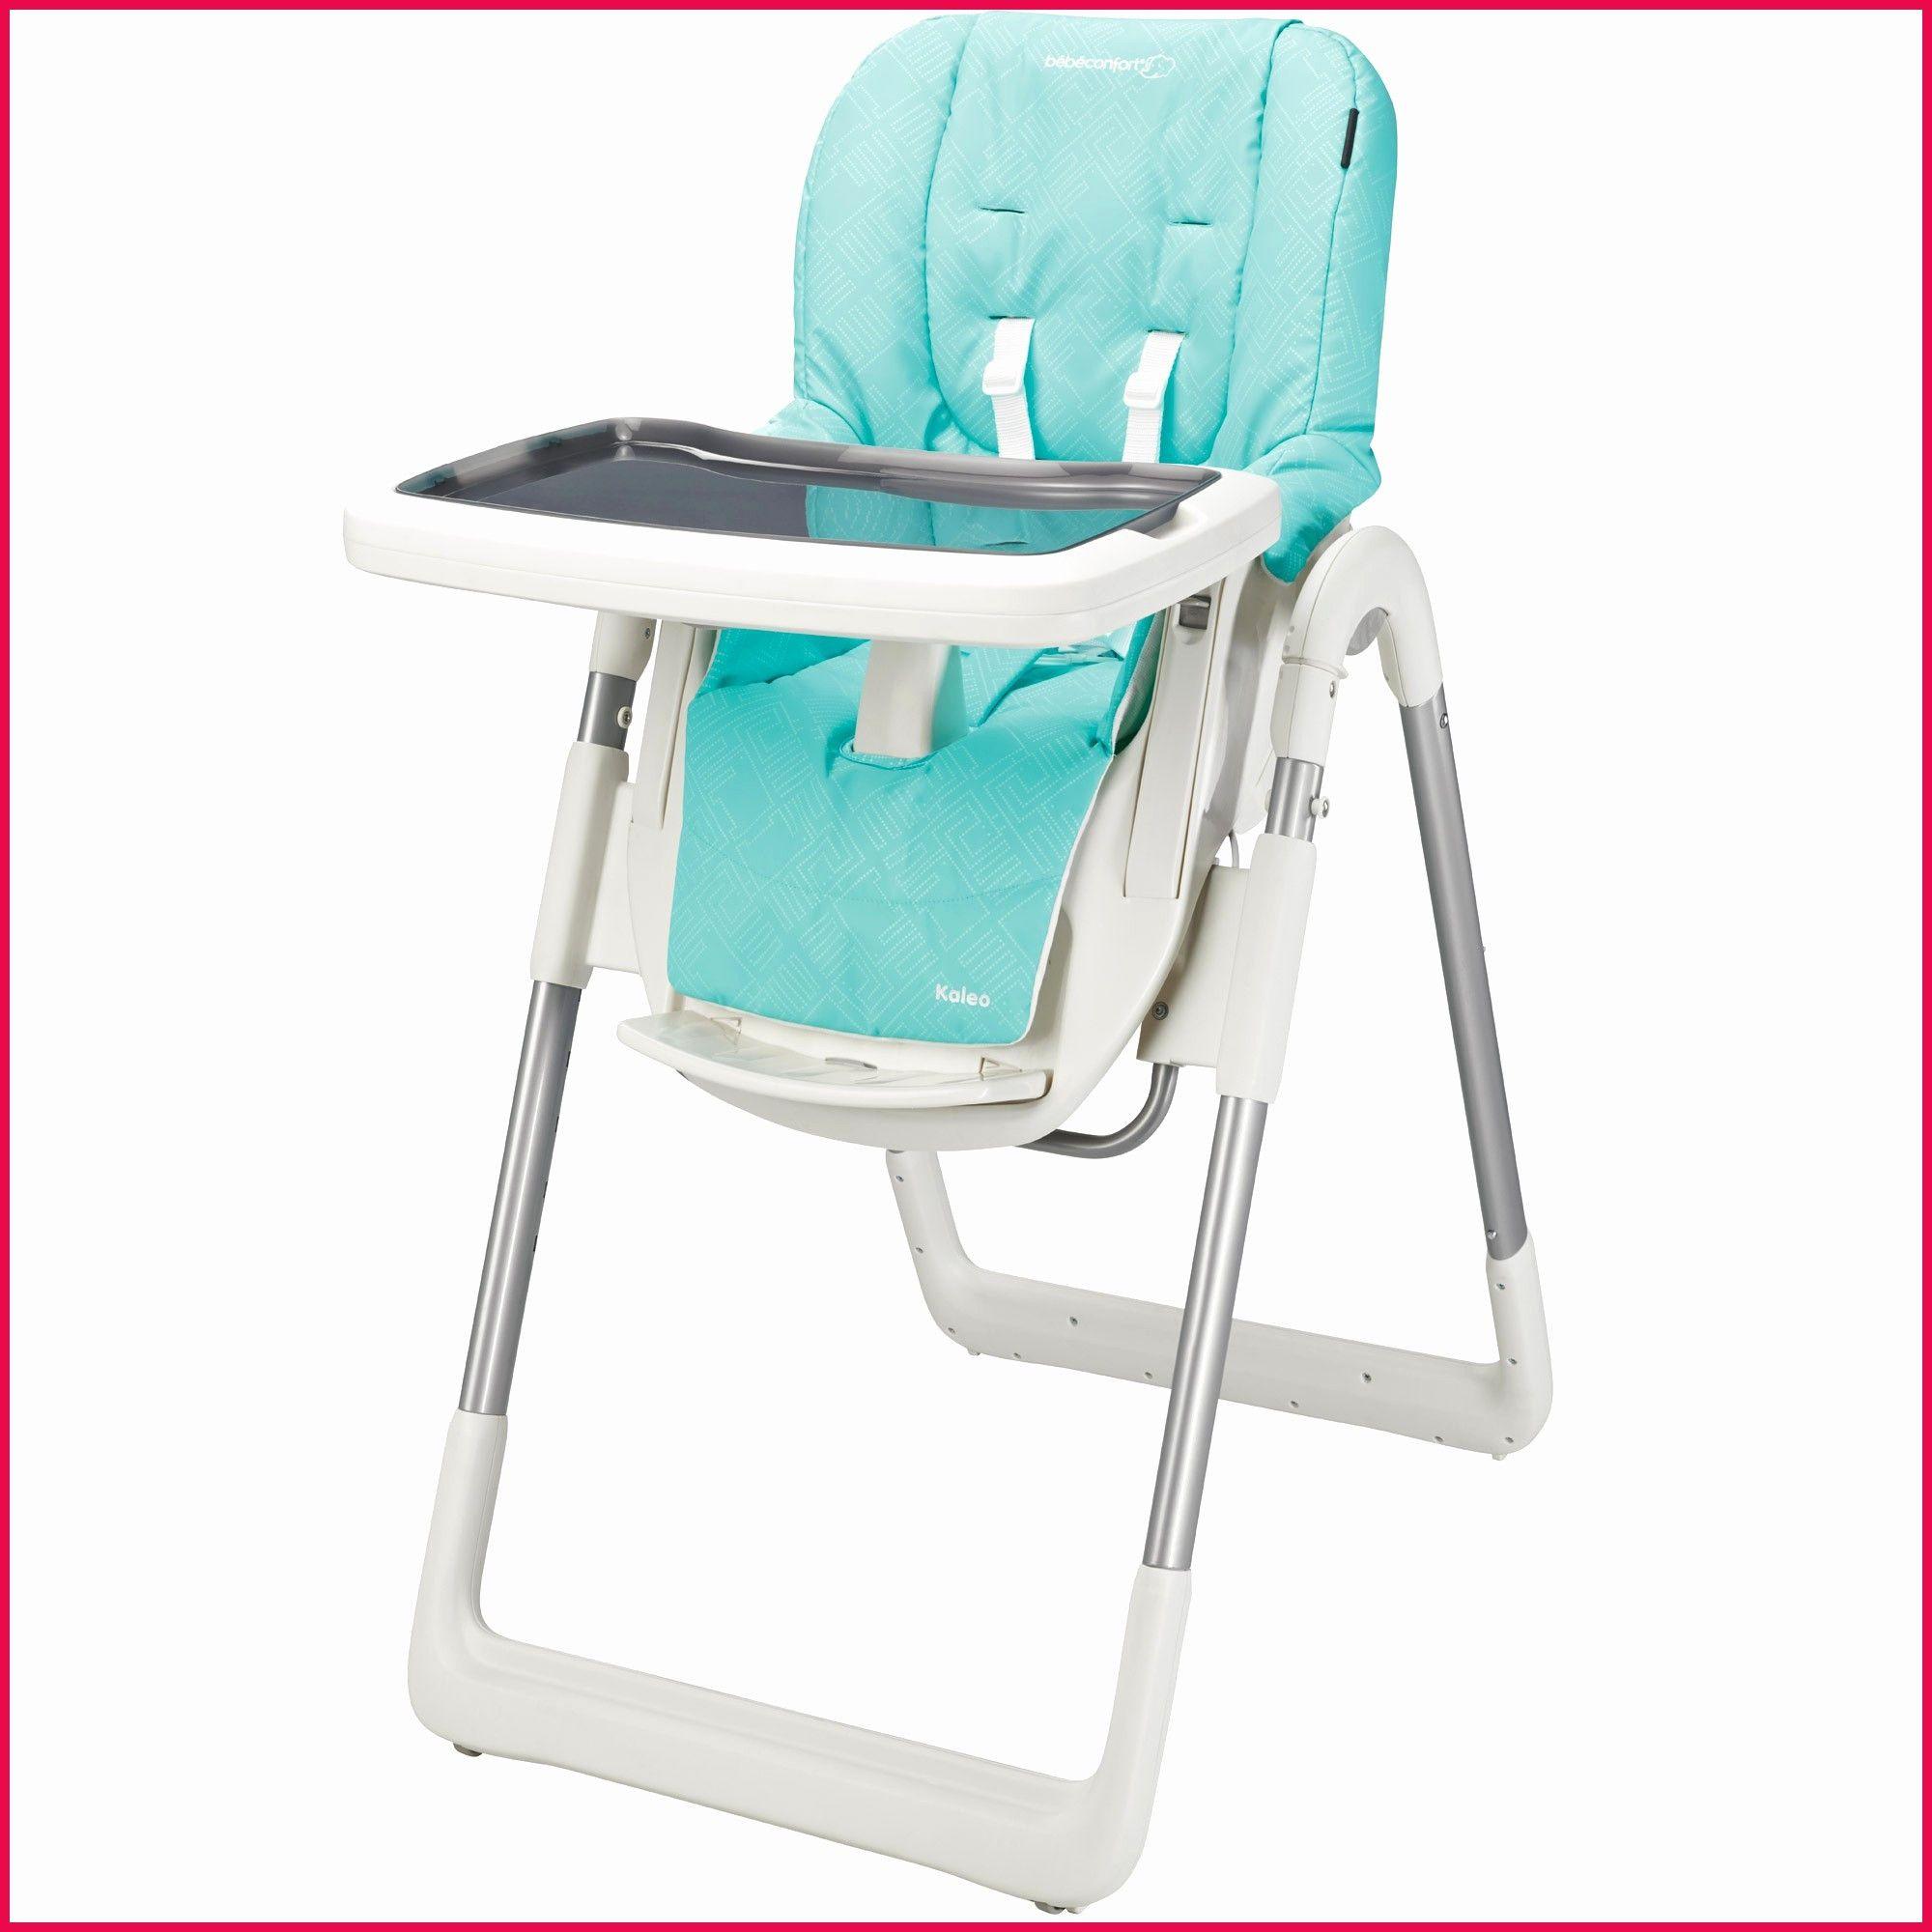 Baignoire Bebe Sur Pied Baignoire Bebe Sur Pied Meilleure Baignoire Bebe Sur Pied Paratif Avis Et Des La Naissance High Chair Baby High Chair Highchair Cover